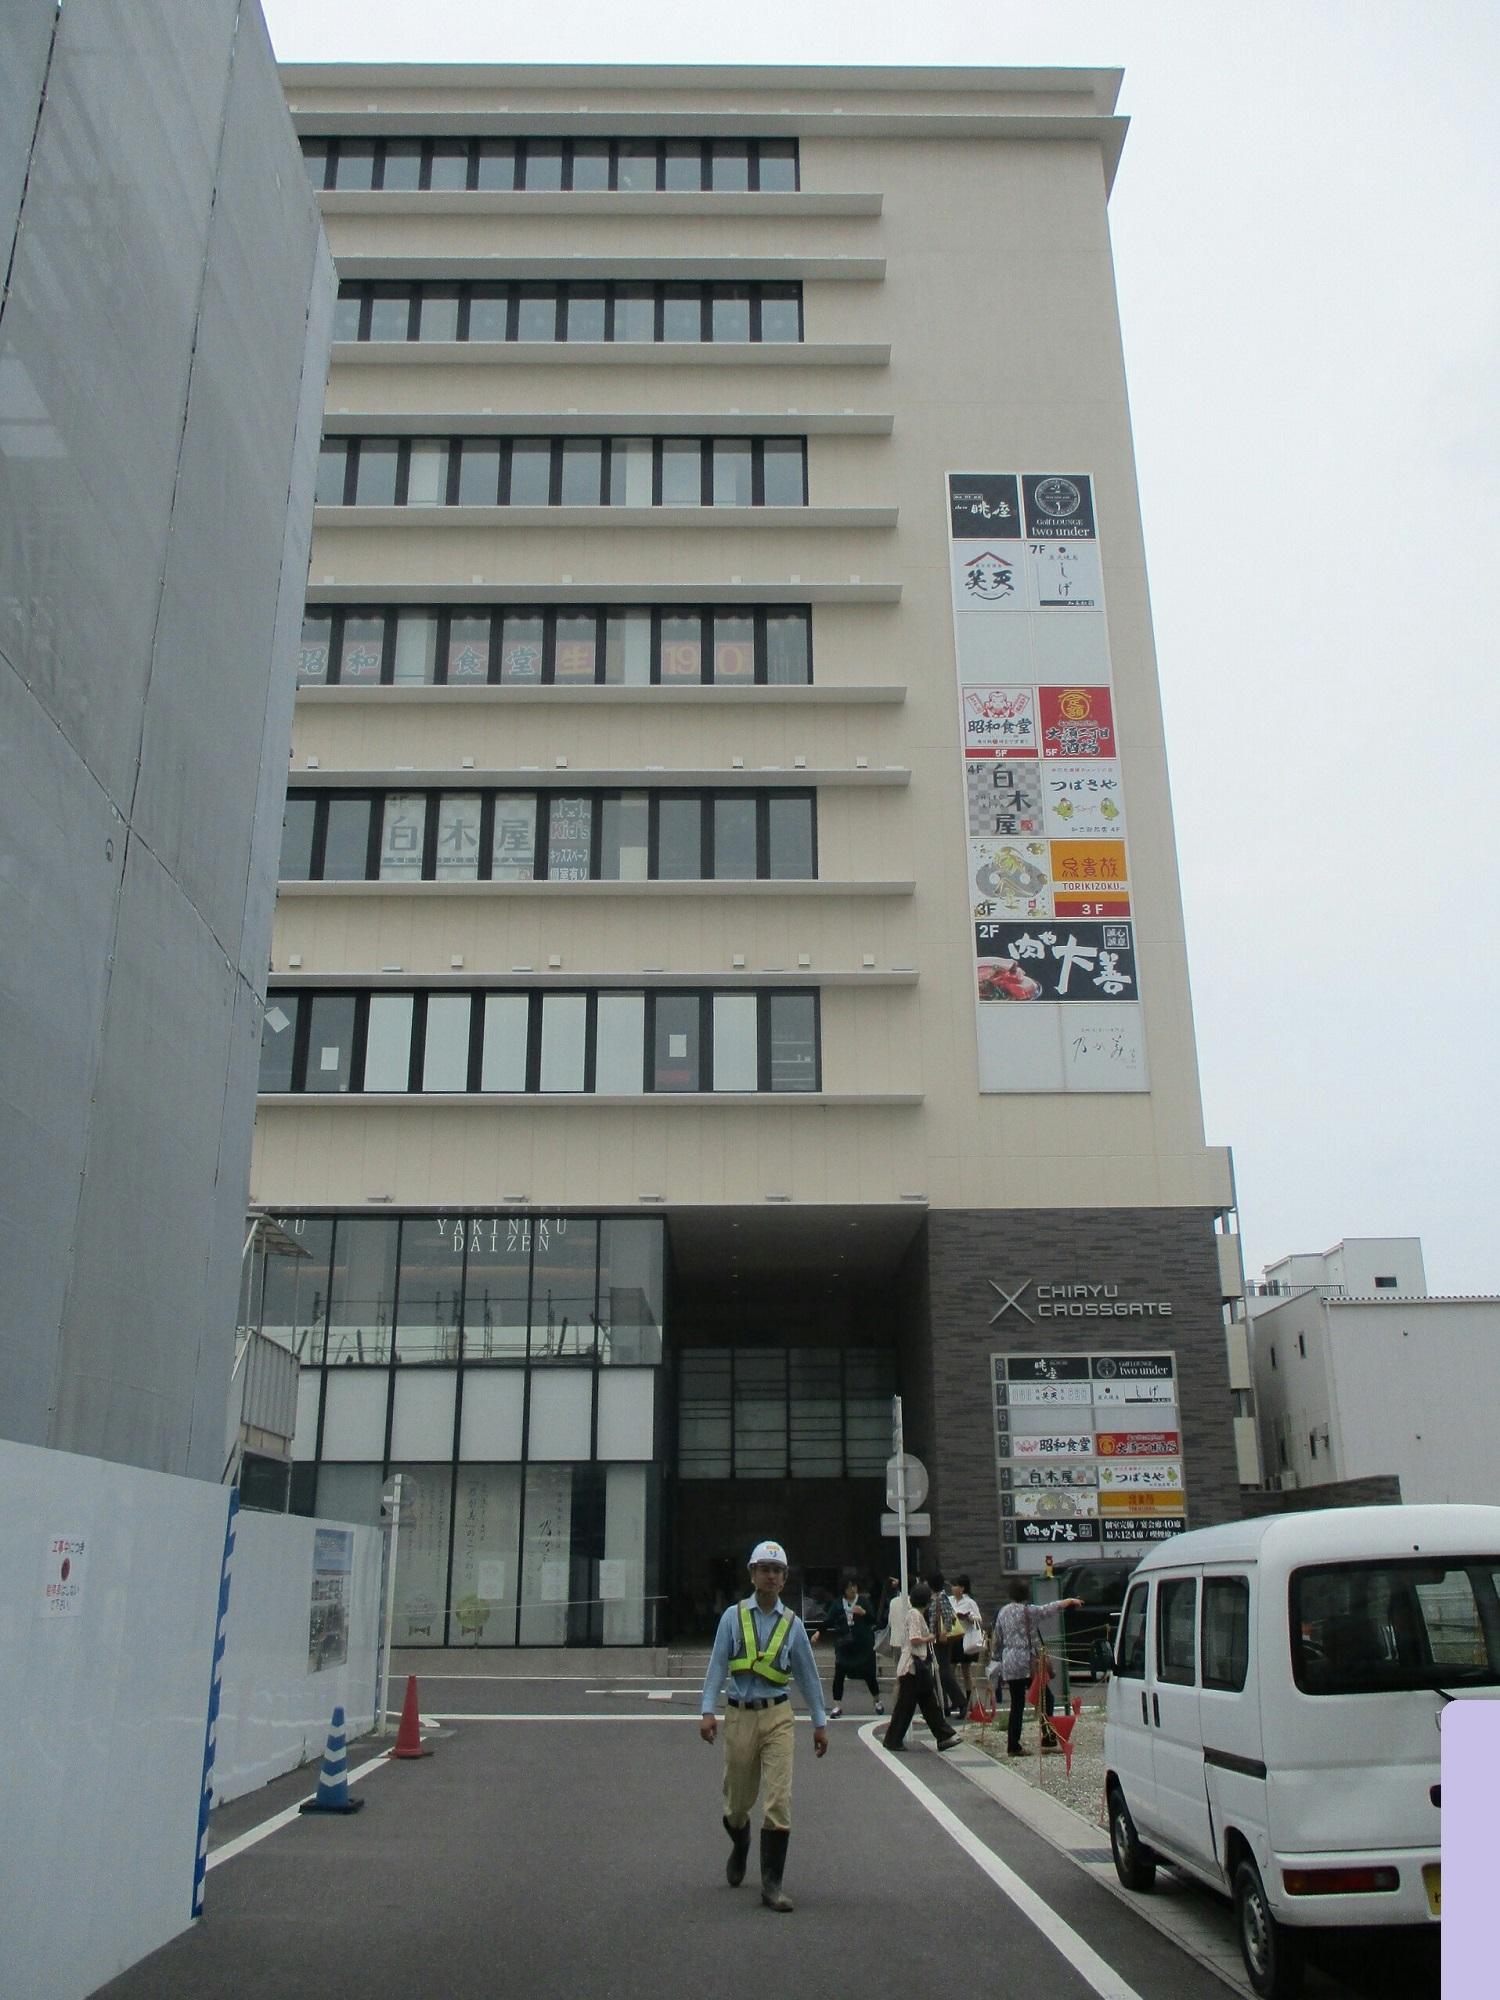 2019.7.2 (8) 知立 - 知立クロスゲートビル 1500-2000